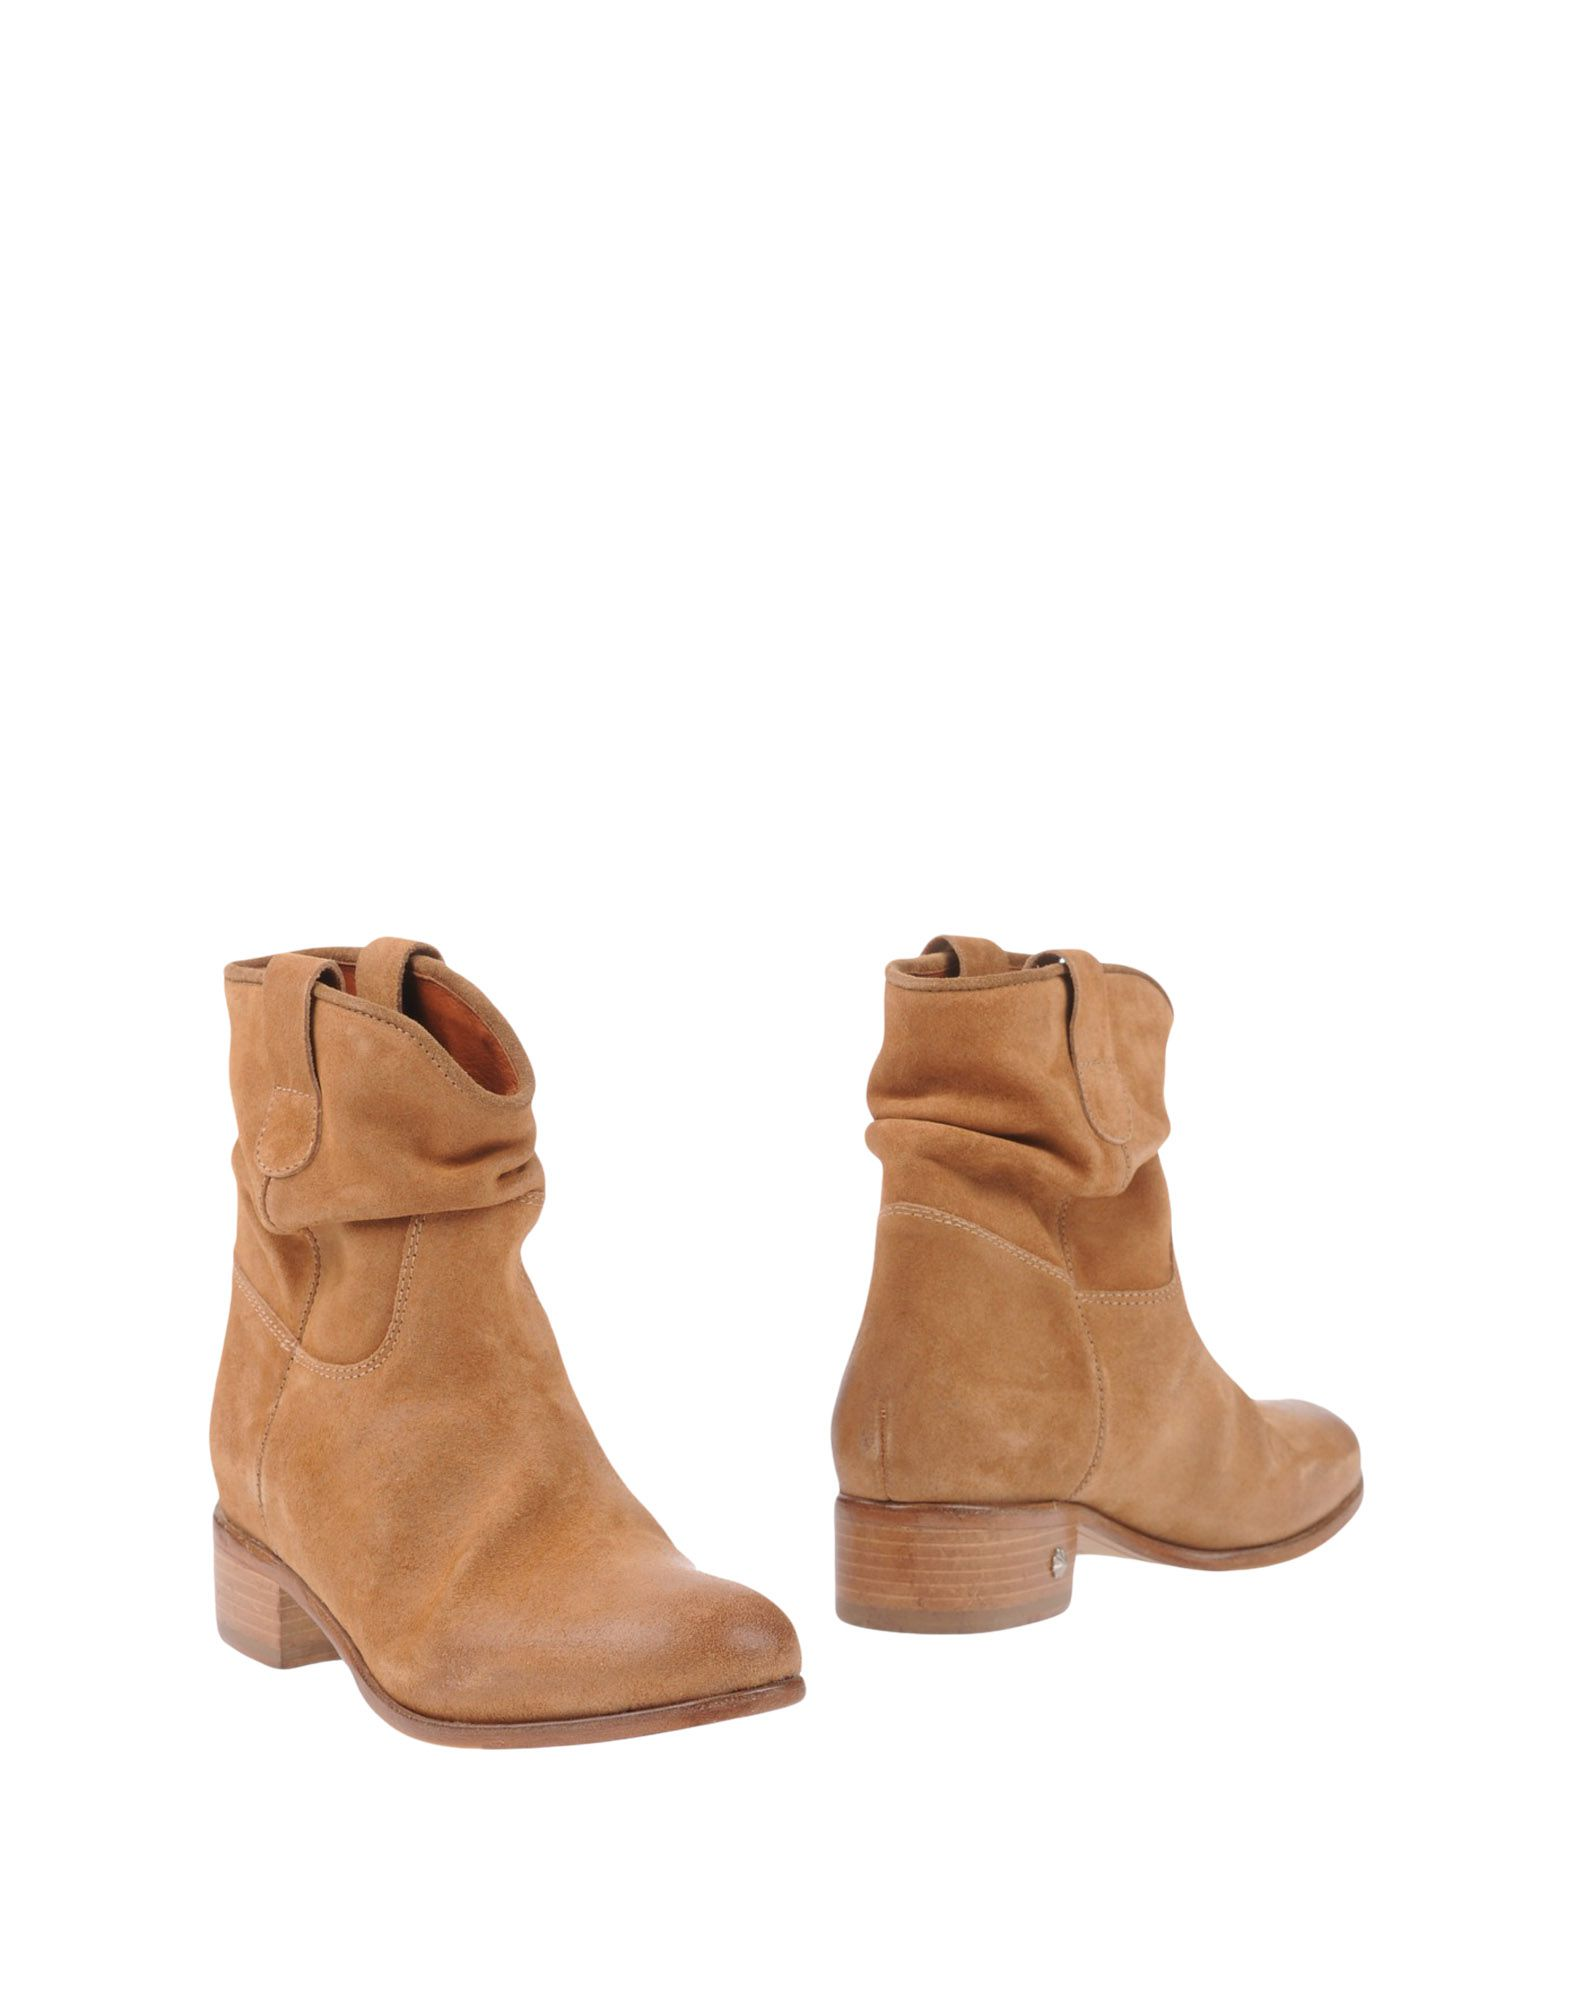 Gut um billige Stiefelette Schuhe zu tragenEl Campero Stiefelette billige Damen  11239918JI 14e85f